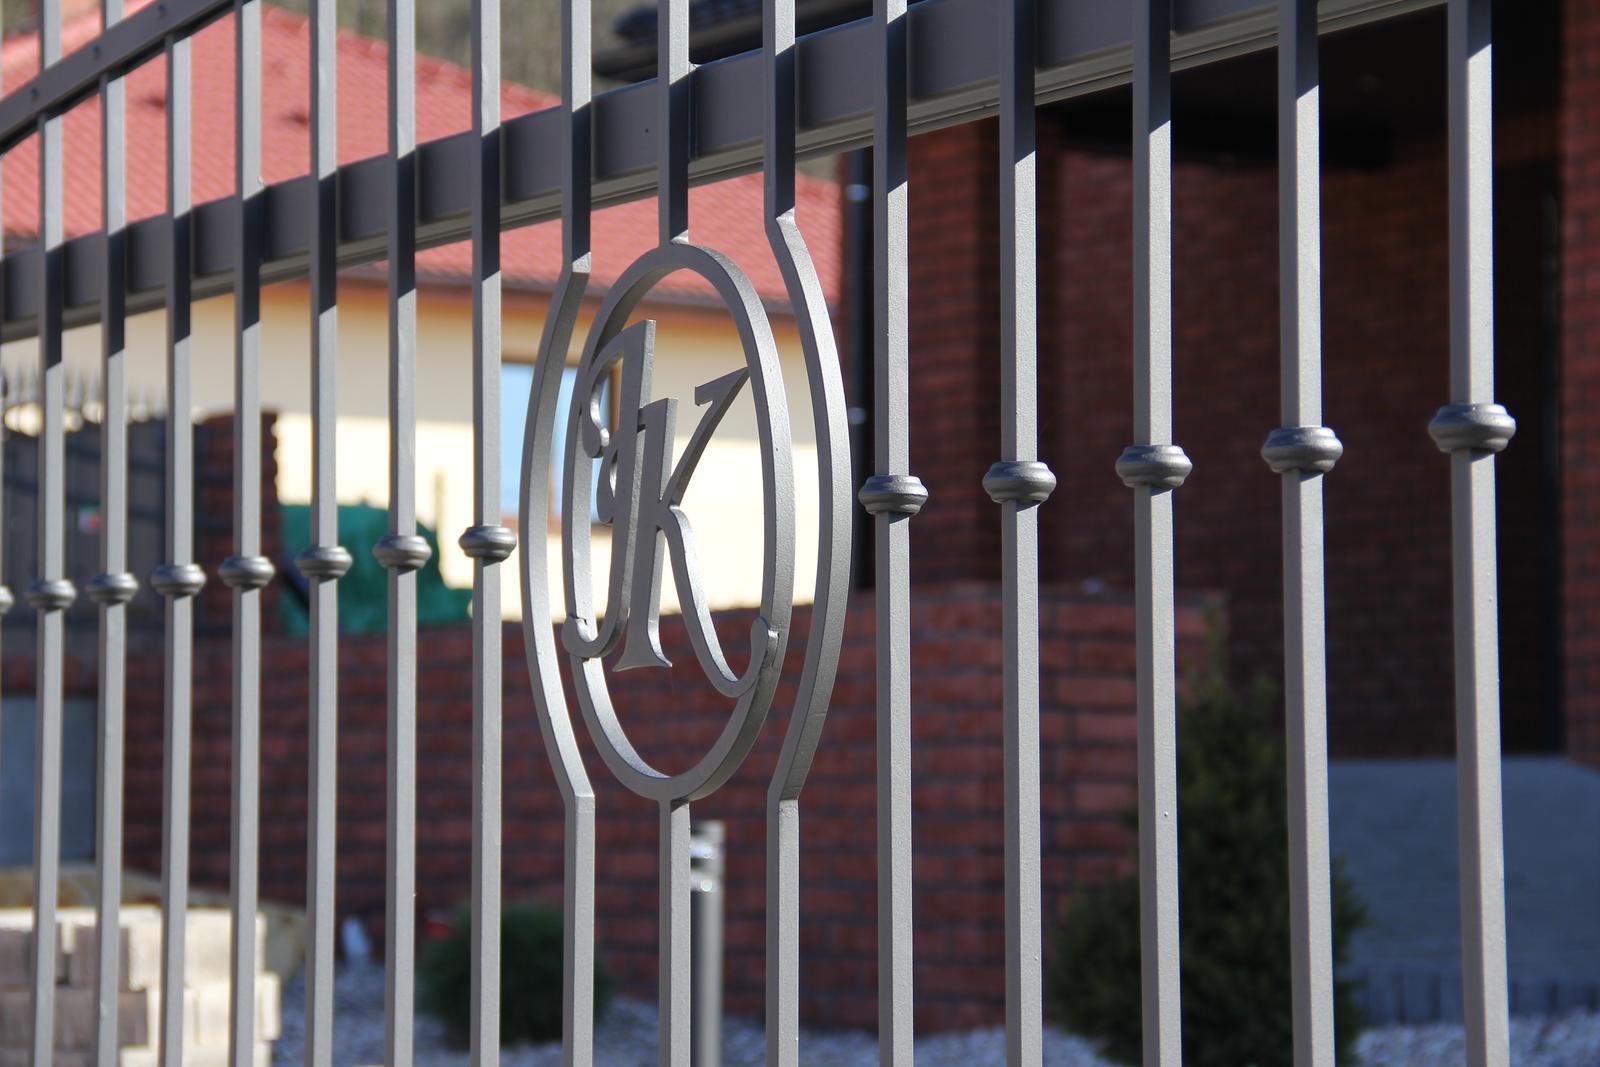 Stavba domu - 23.2.2014 detail iniciálů na bráně